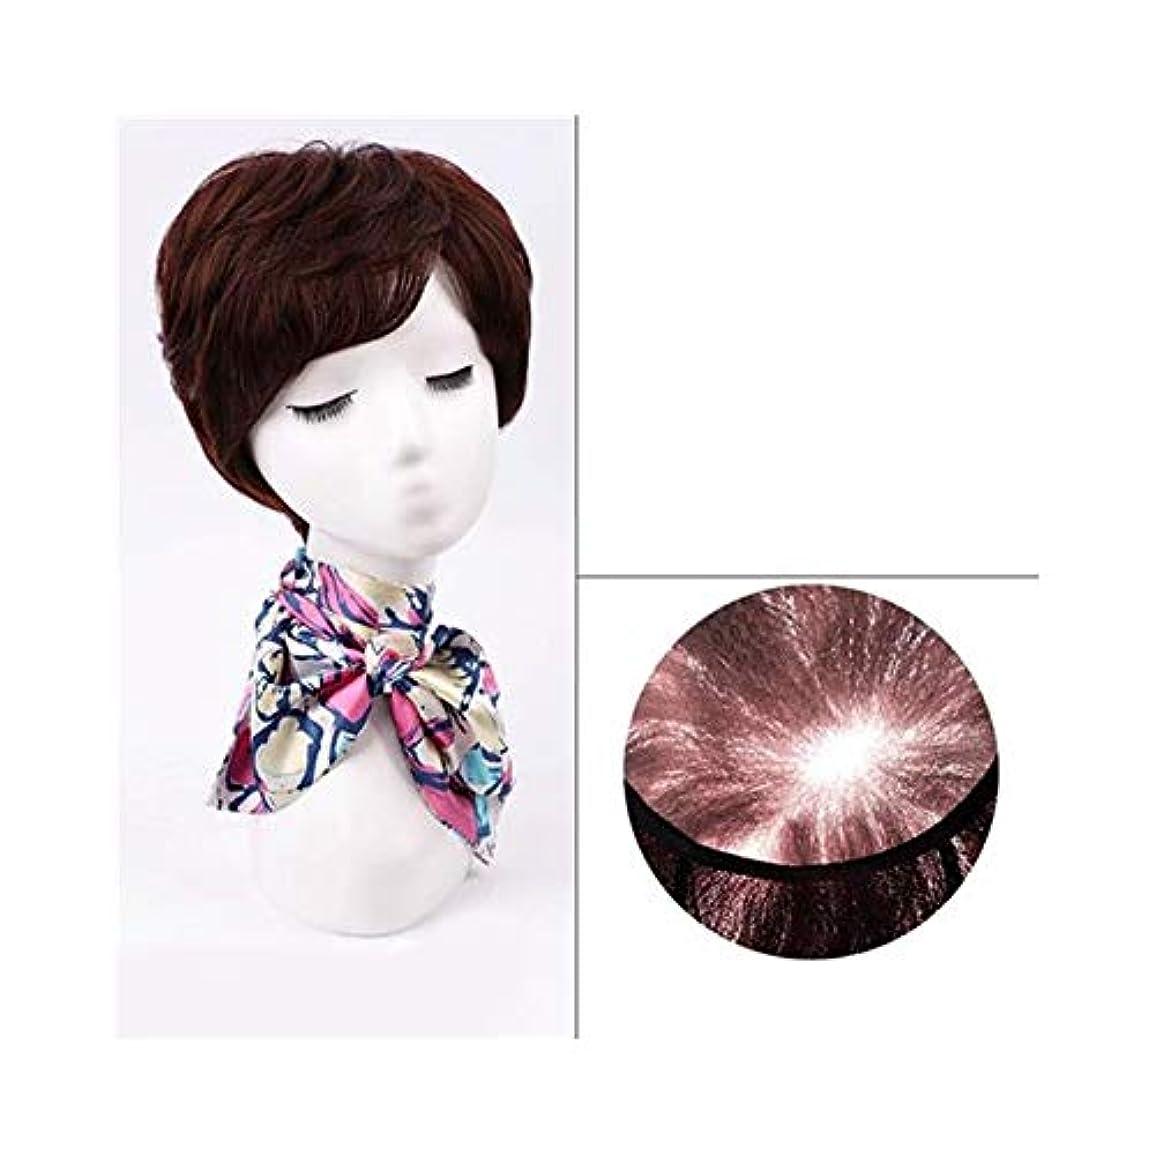 アクセル豊富外出YOUQIU 女性のかつらのために前髪でナチュラルヘアエクステンションショートレアルヘアウィッグ (色 : Natural black)